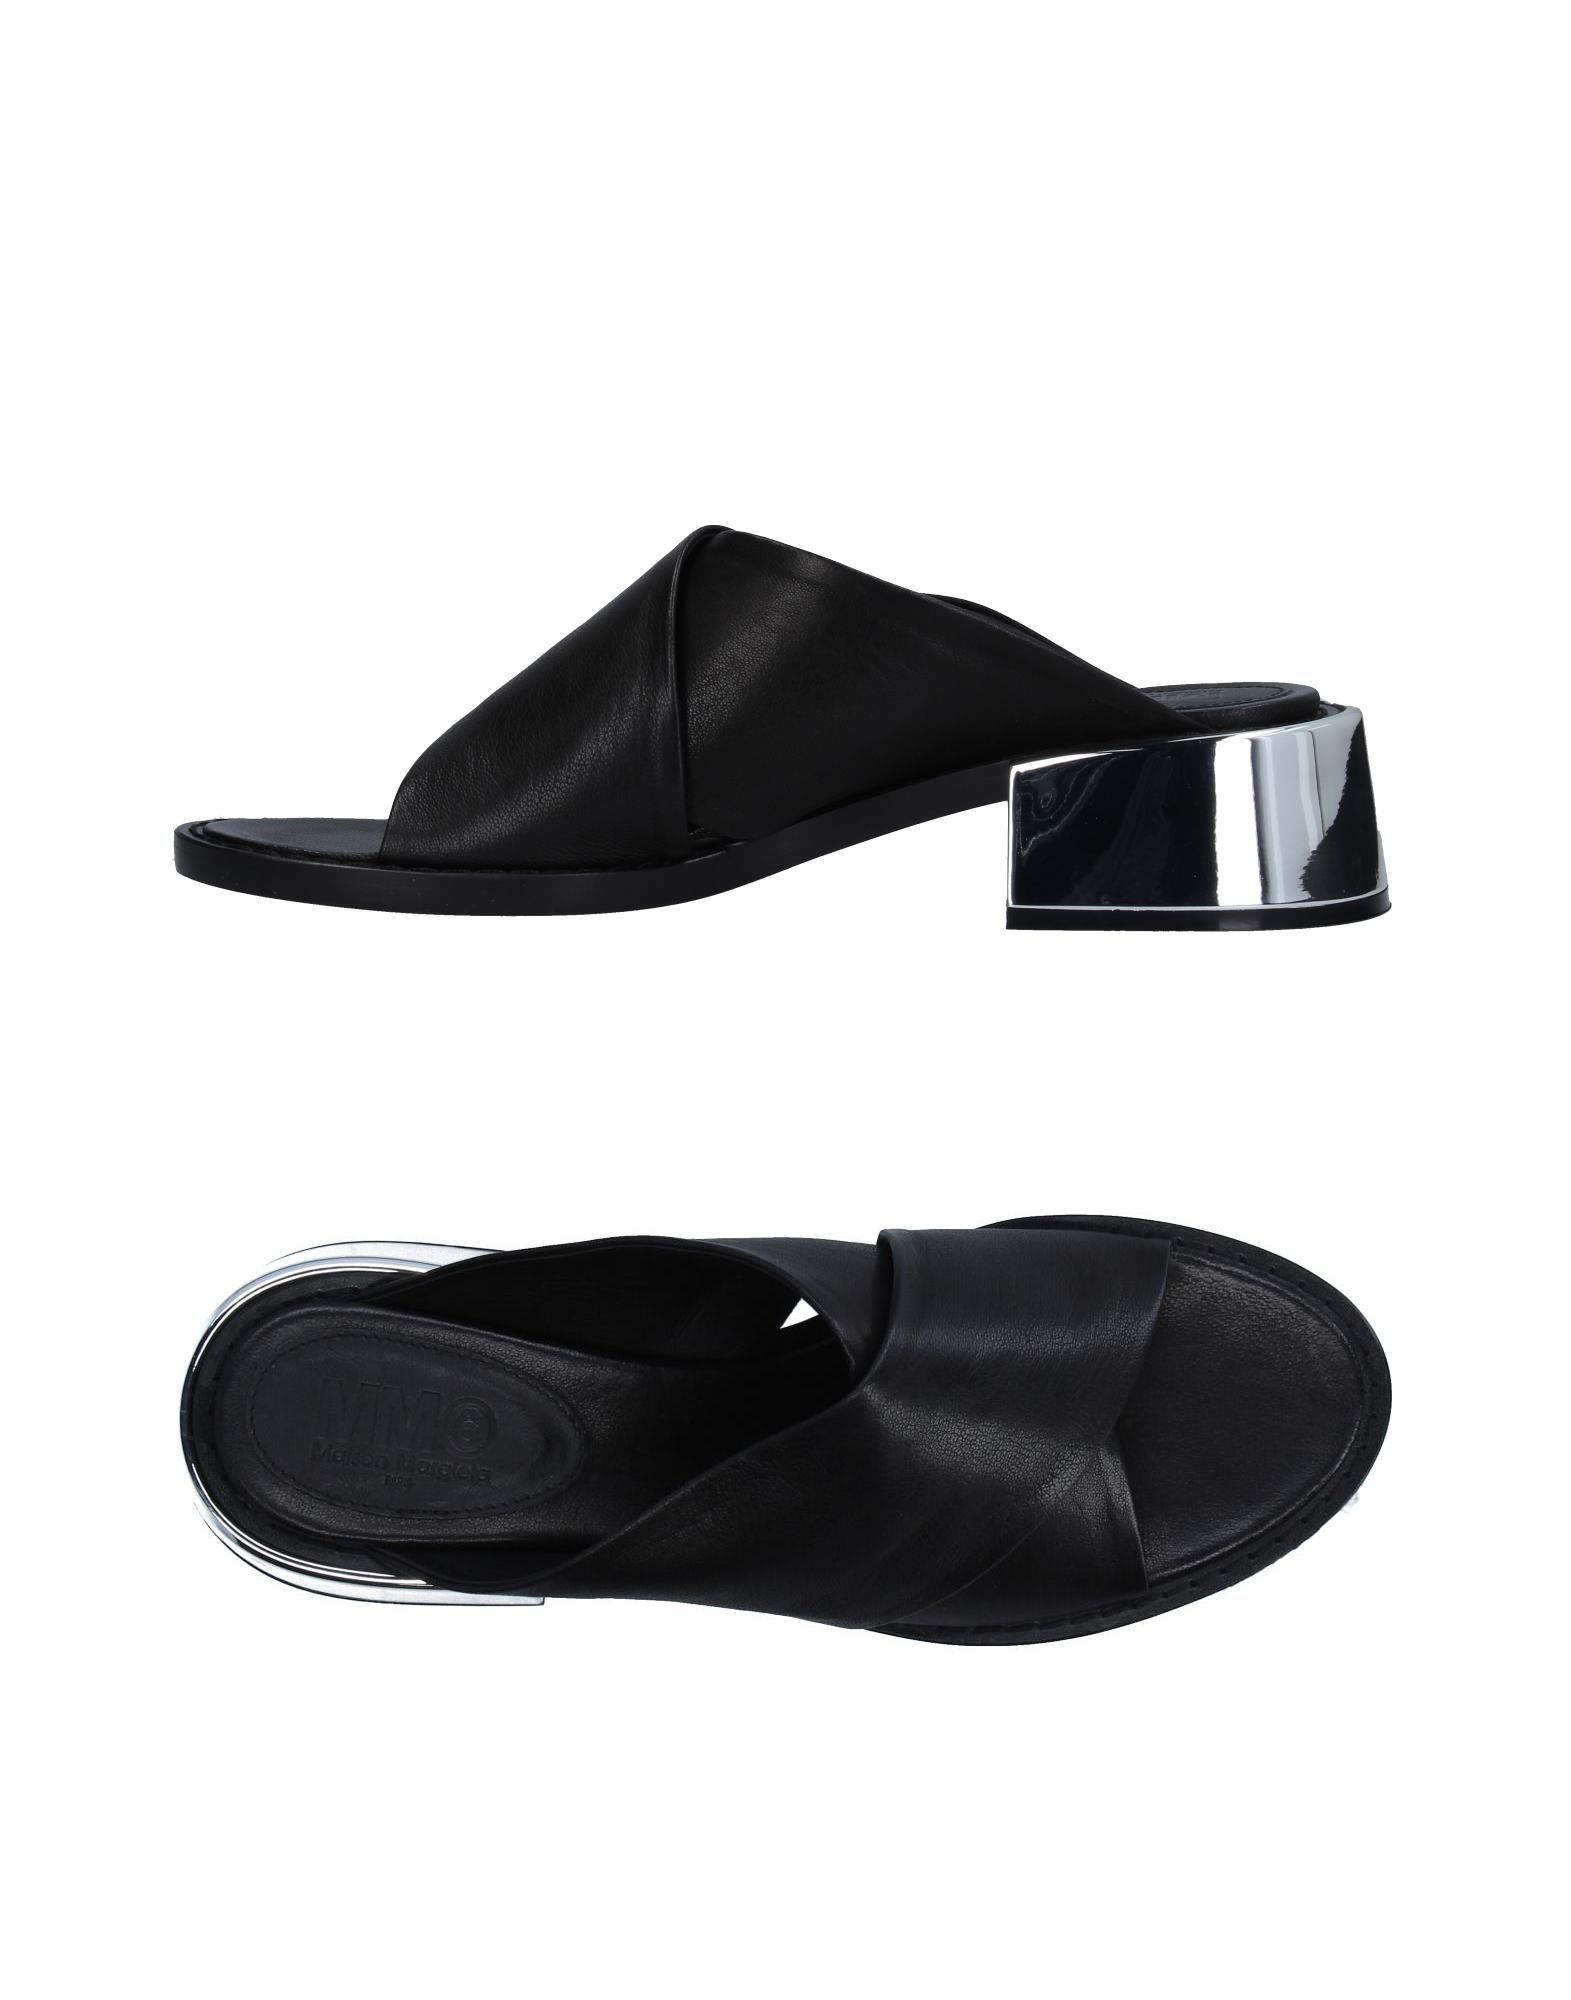 Mm6 Maison Mm6 Margiela Sandals - Women Mm6 Maison Maison Margiela Sandals online on  Australia - 11330125AV 92b1a9